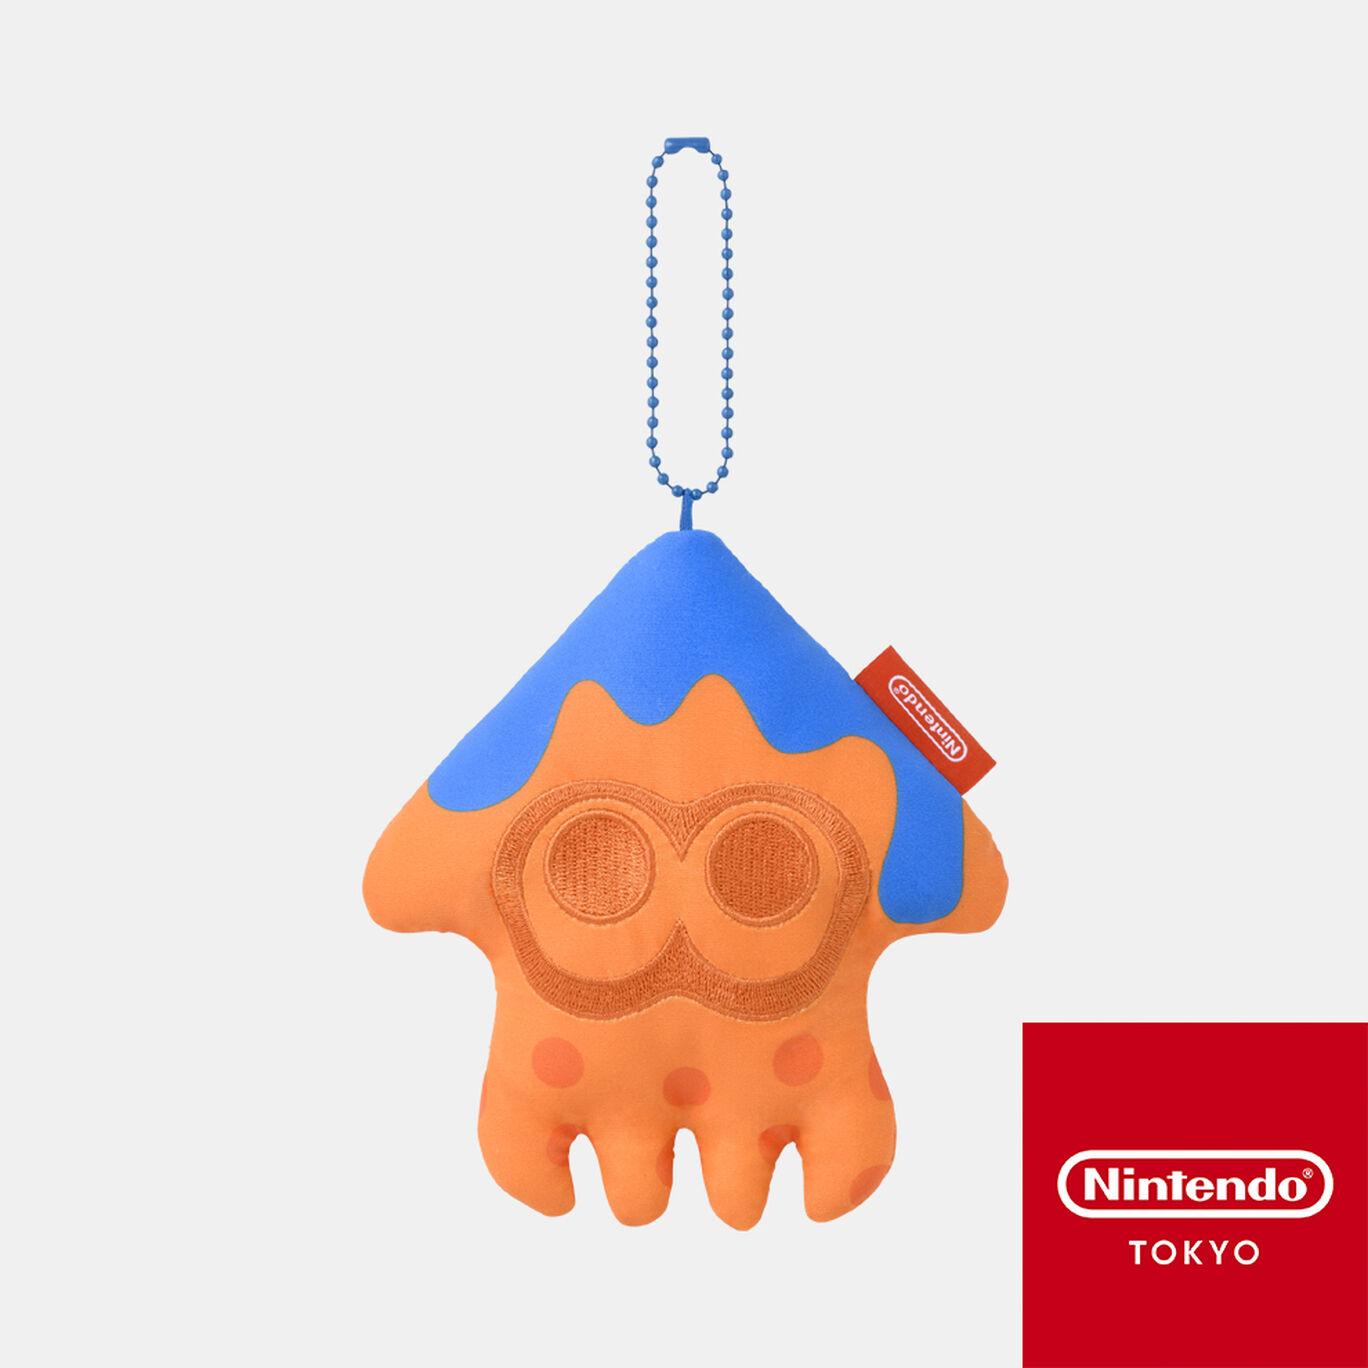 マスコット オレンジ INK YOU UP【Nintendo TOKYO取り扱い商品】